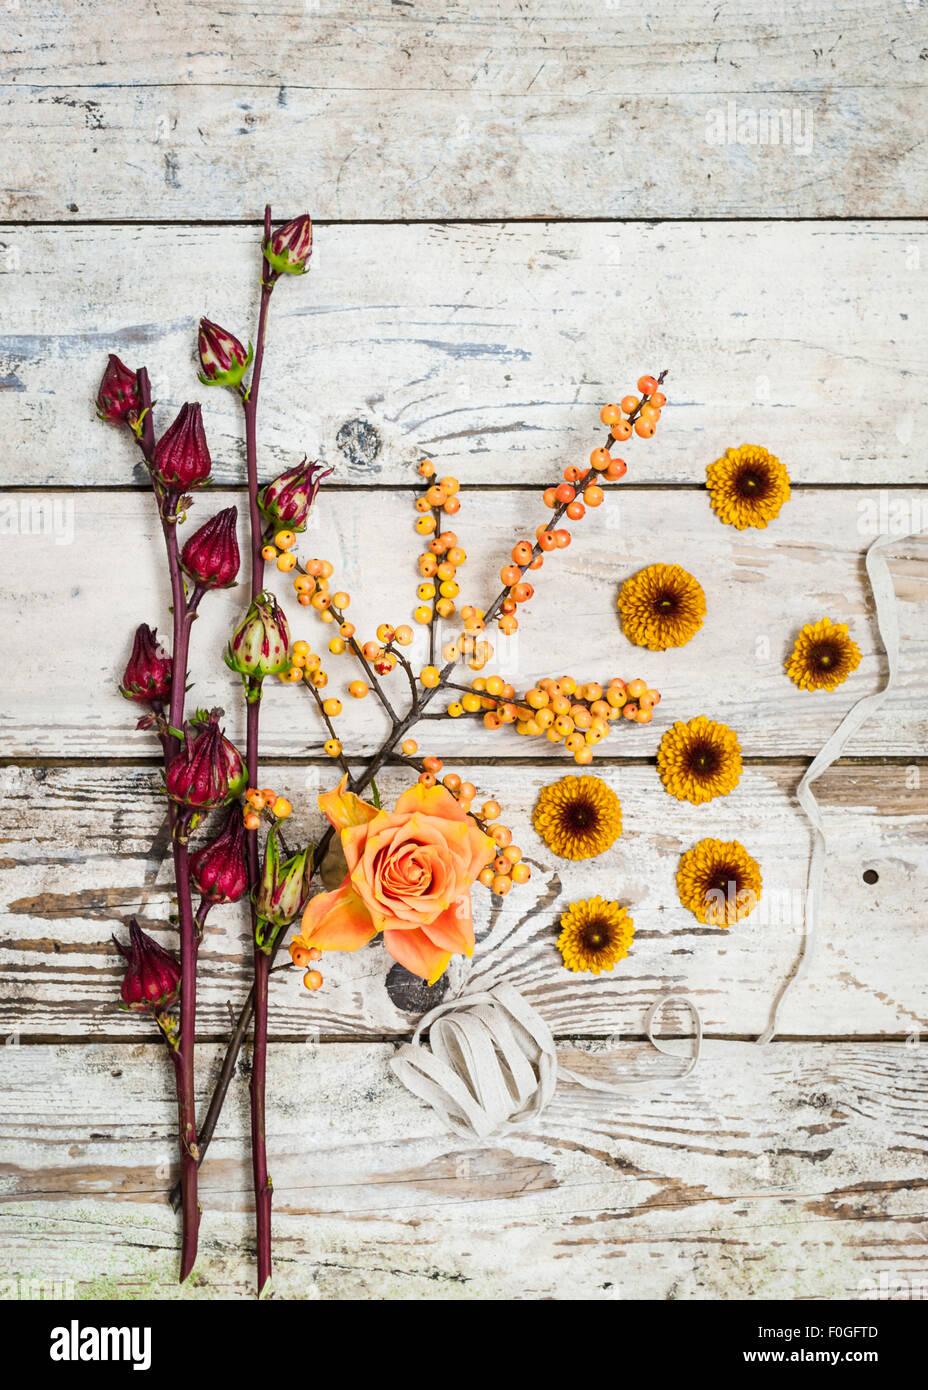 Autunno cadono ancora in vita con bacche di fiori di nastro su rustico superficie in legno Immagini Stock